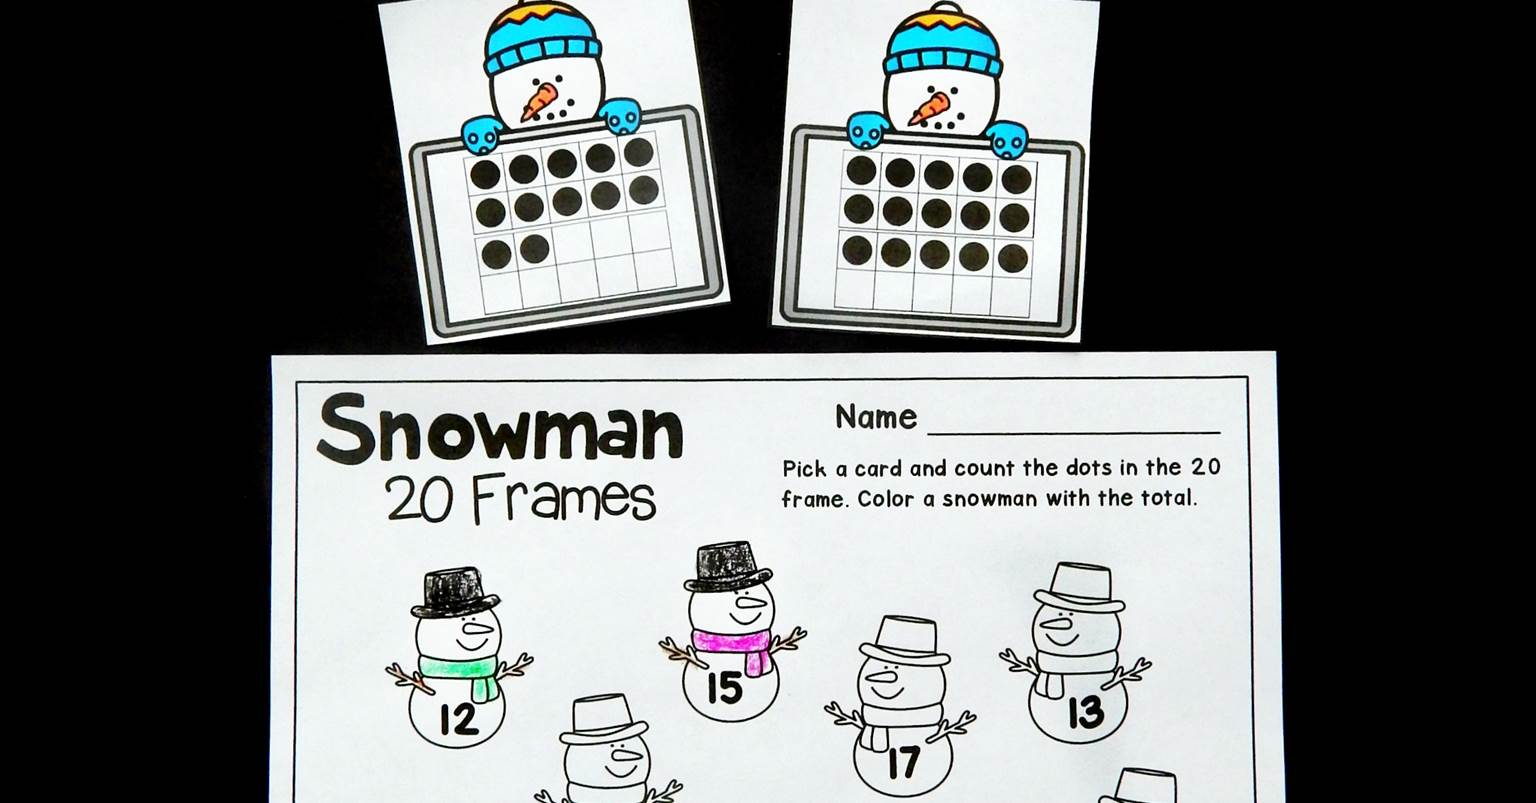 Snowman 20 Frames Math Game